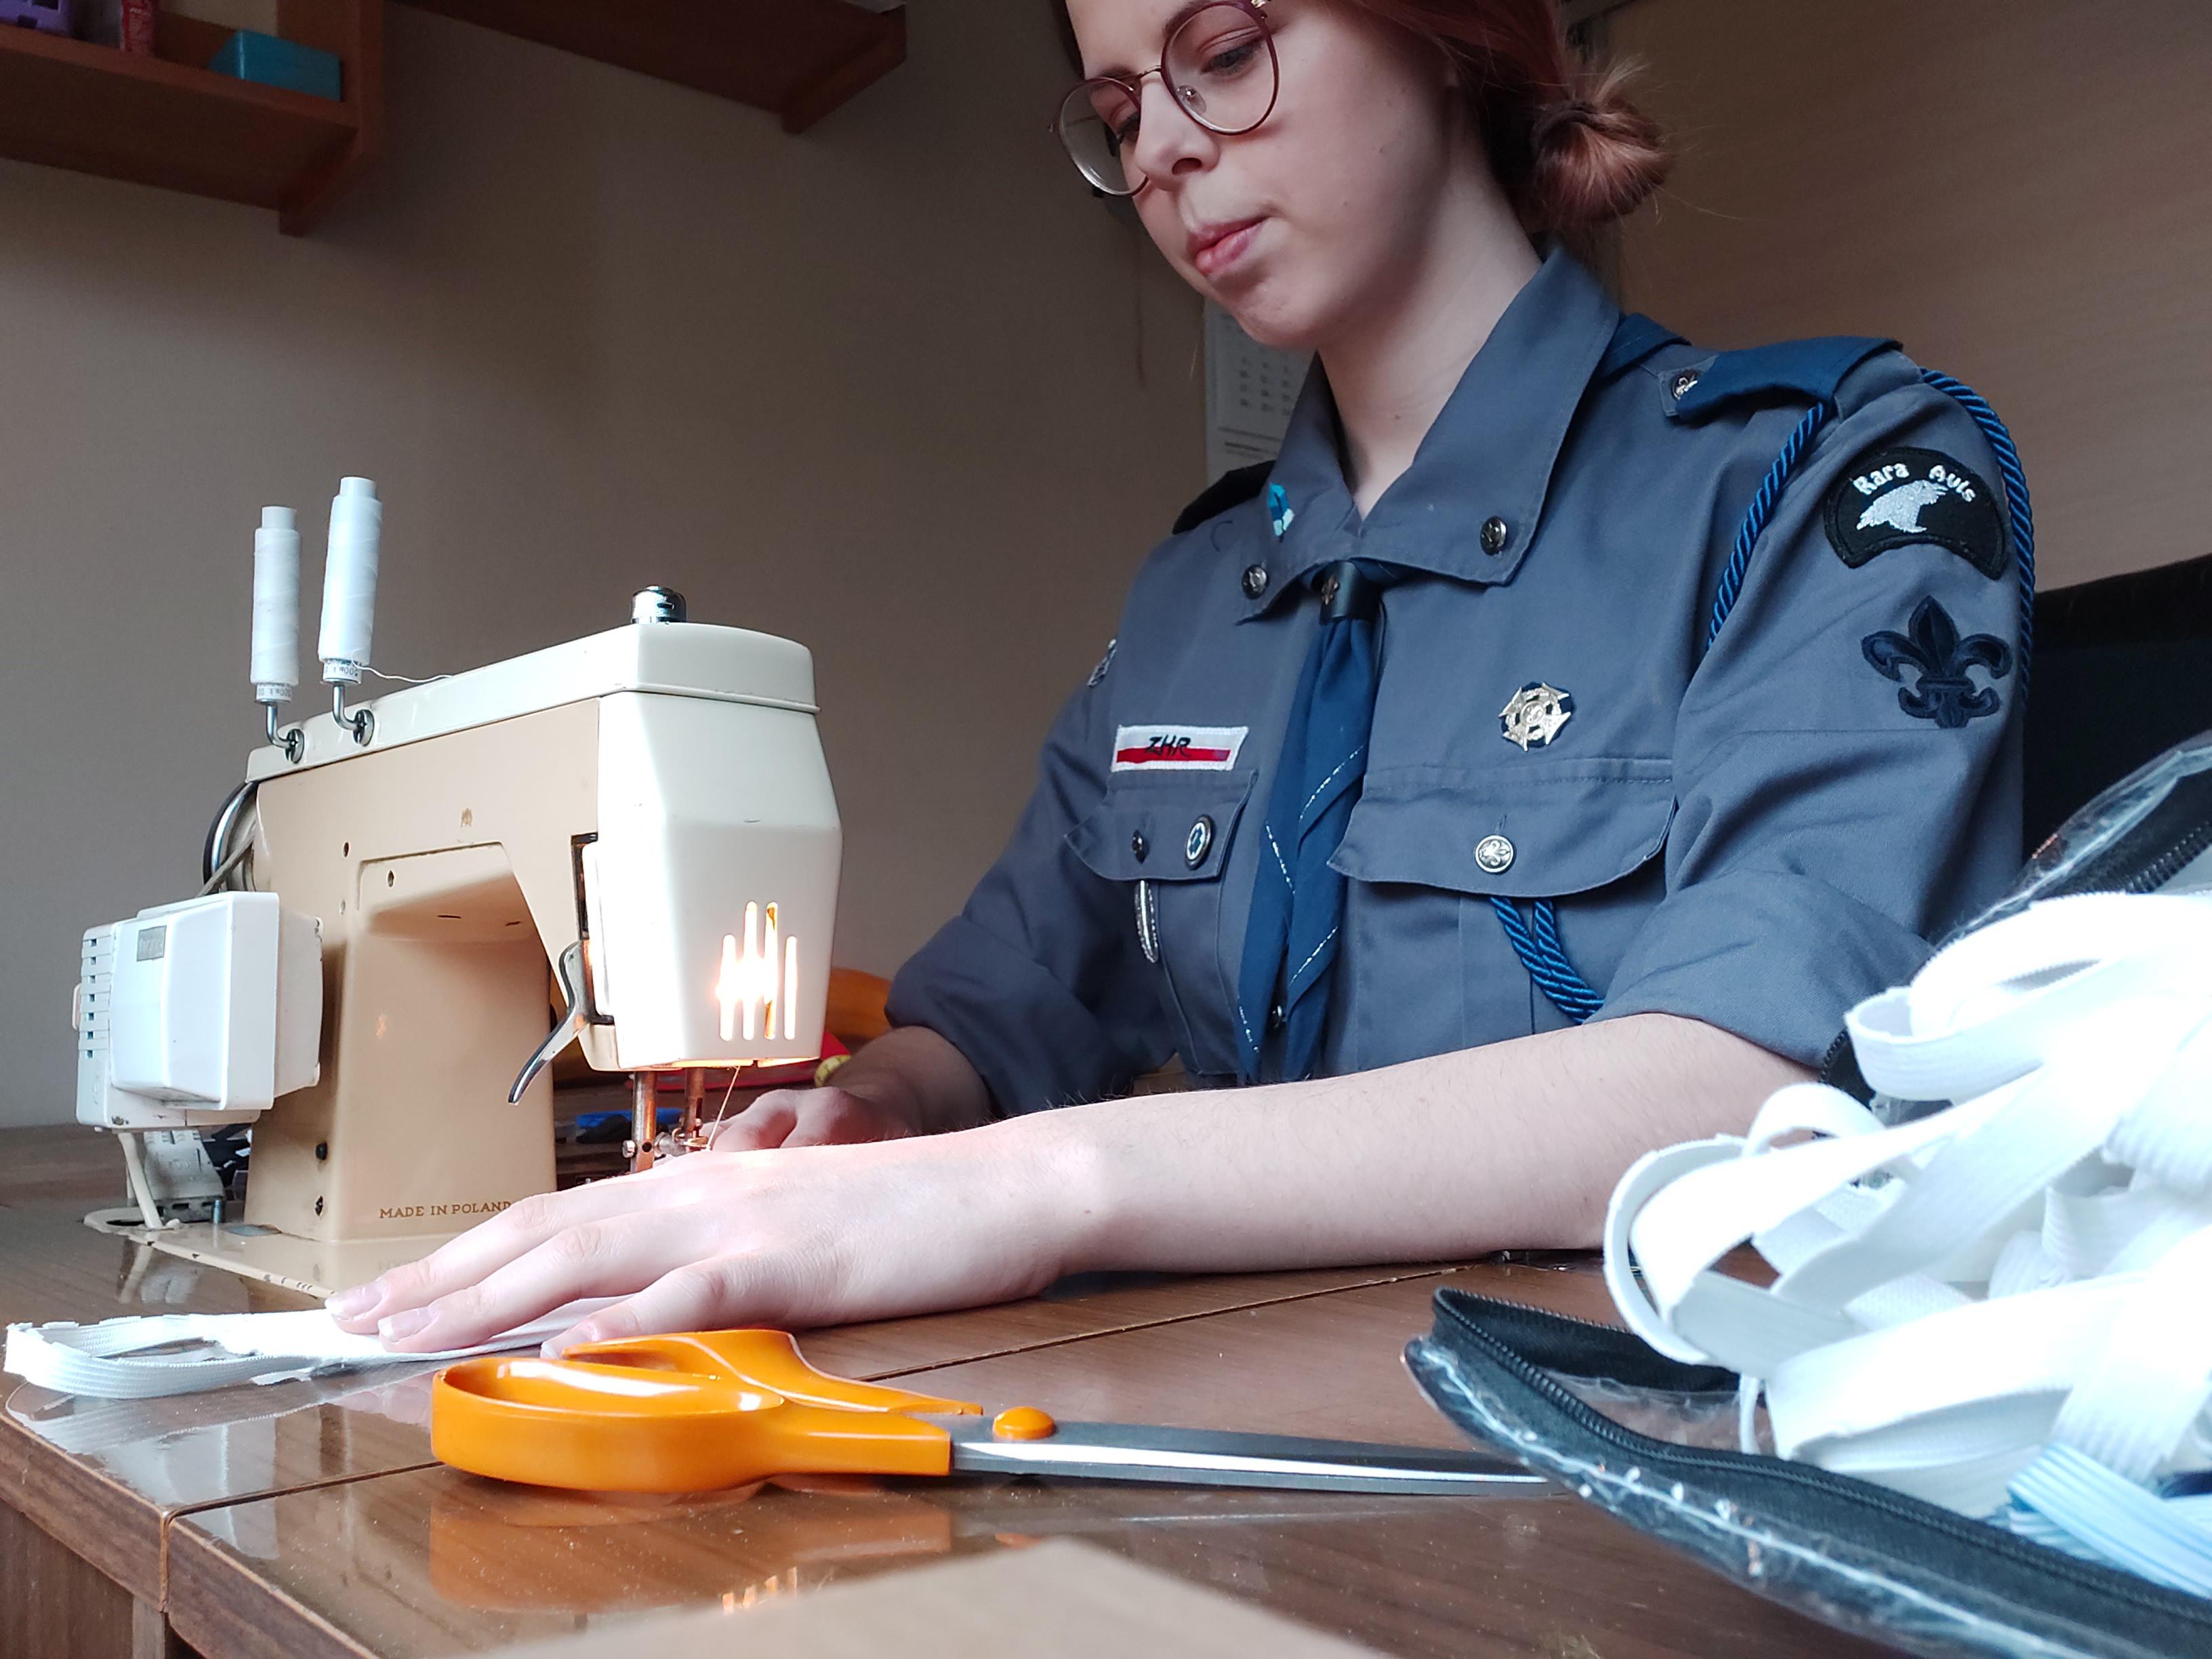 Harcerka z Obwodu Gdyńskiego ZHR szyje maseczki. fot. archiwum ZHR